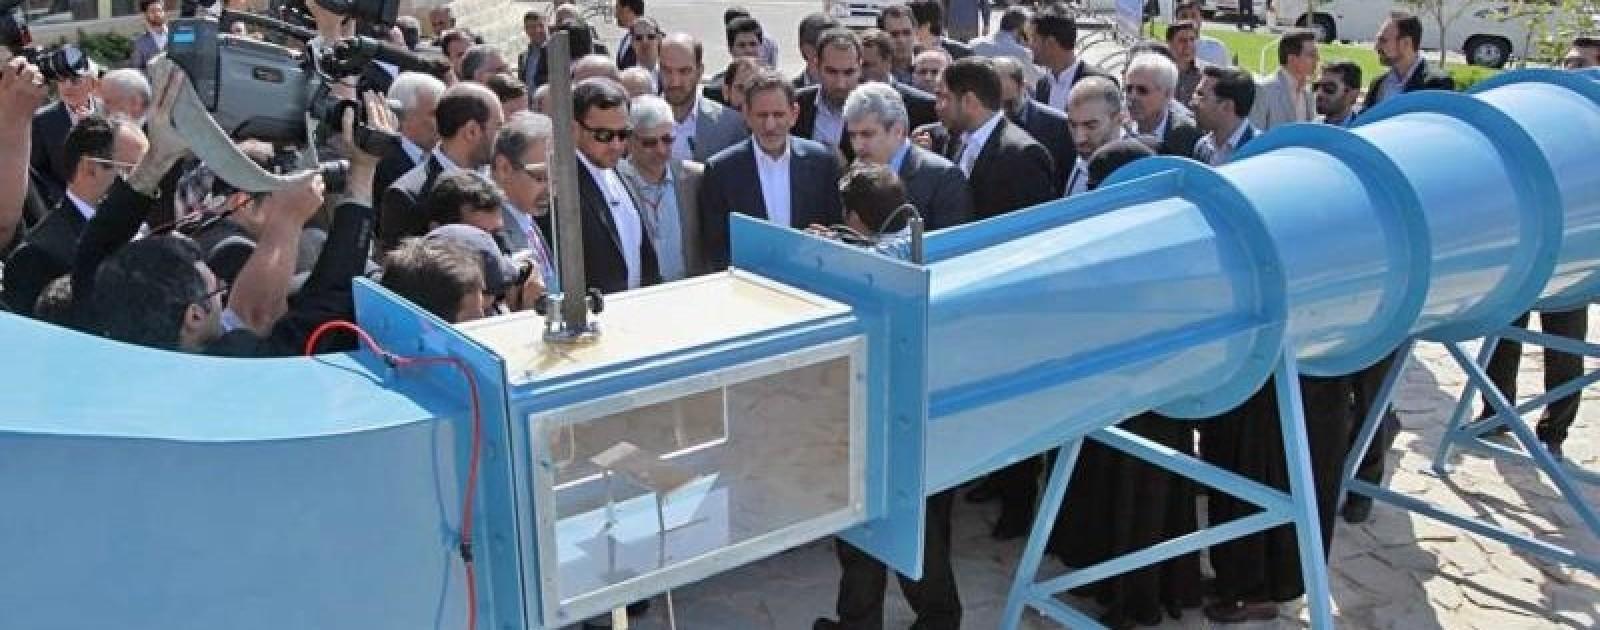 بازدید معاون اول رییس جمهور، جناب آقای دکتر جهانگیری، از تونل باد ساخت رادمان صنعت